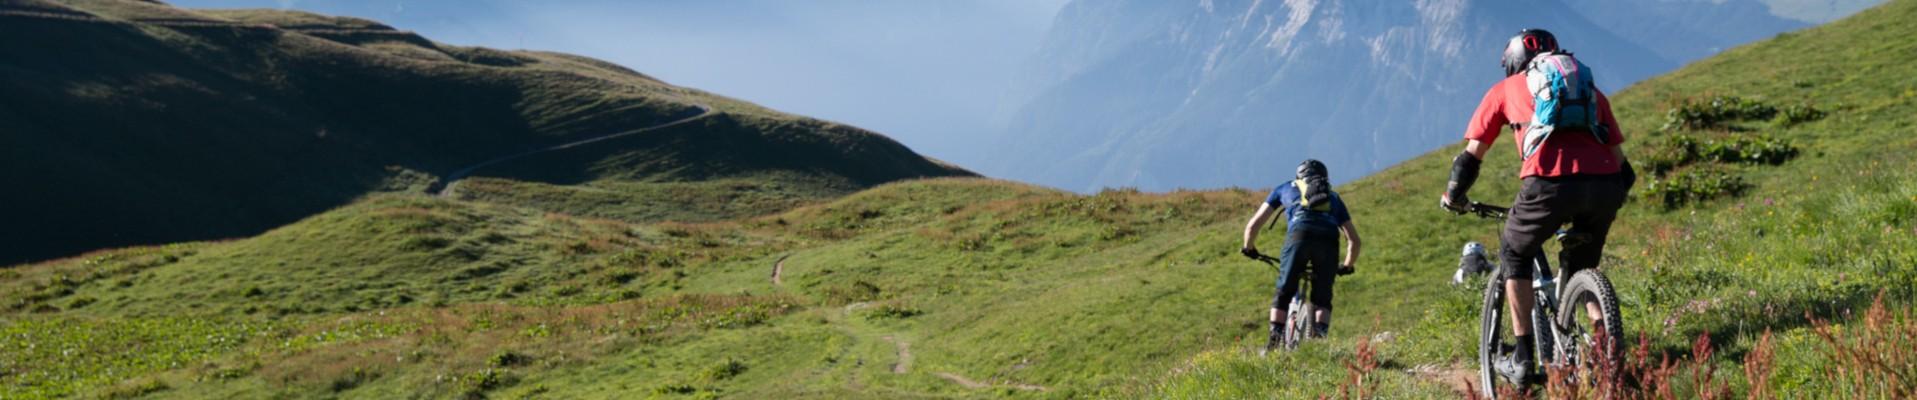 Mountain biking, cycling, bike